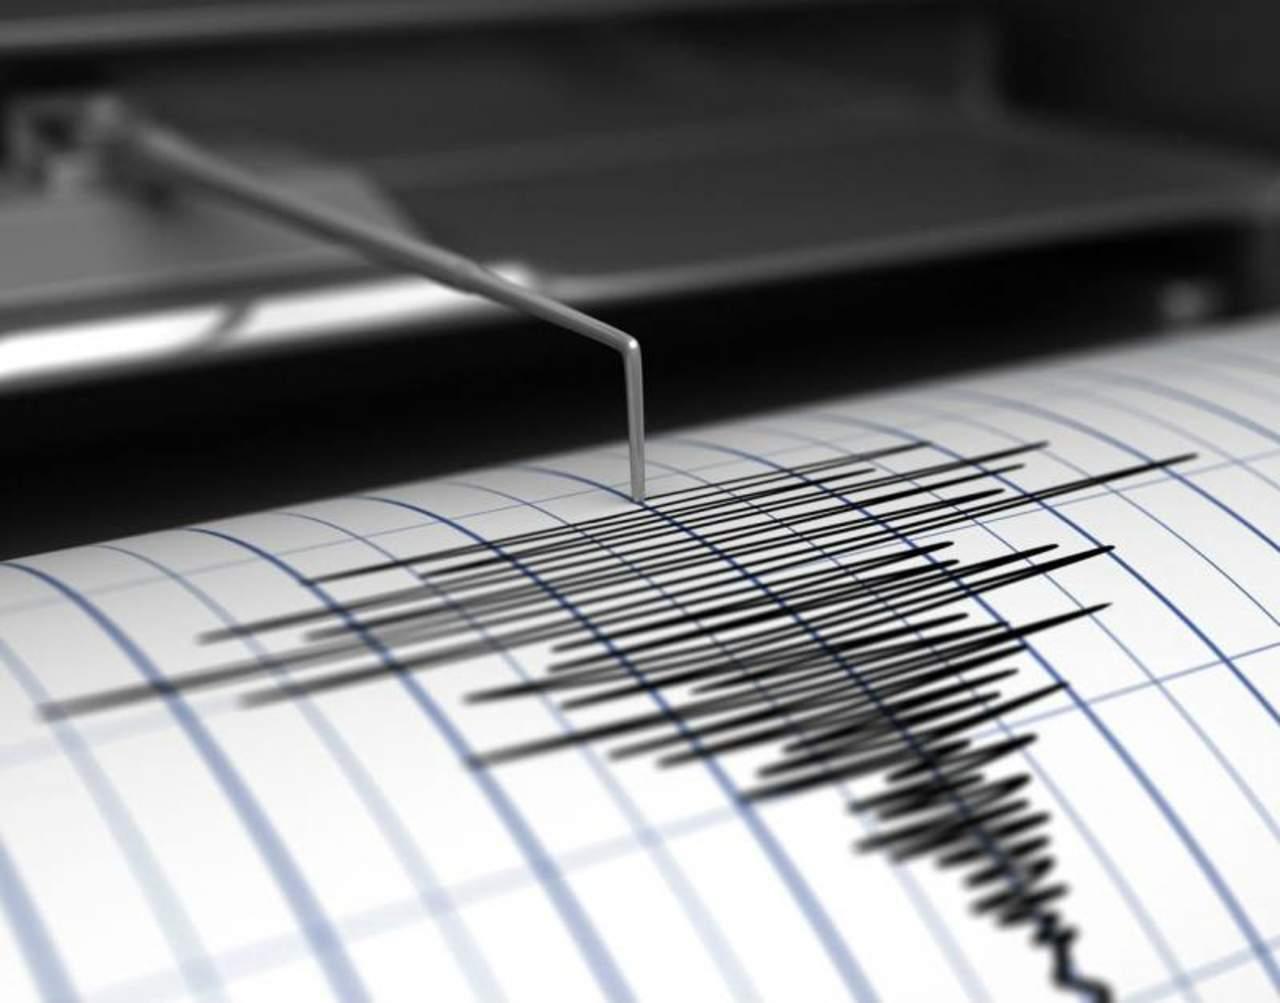 Sin incidentes en CDMX por sismo en Guerrero: PC